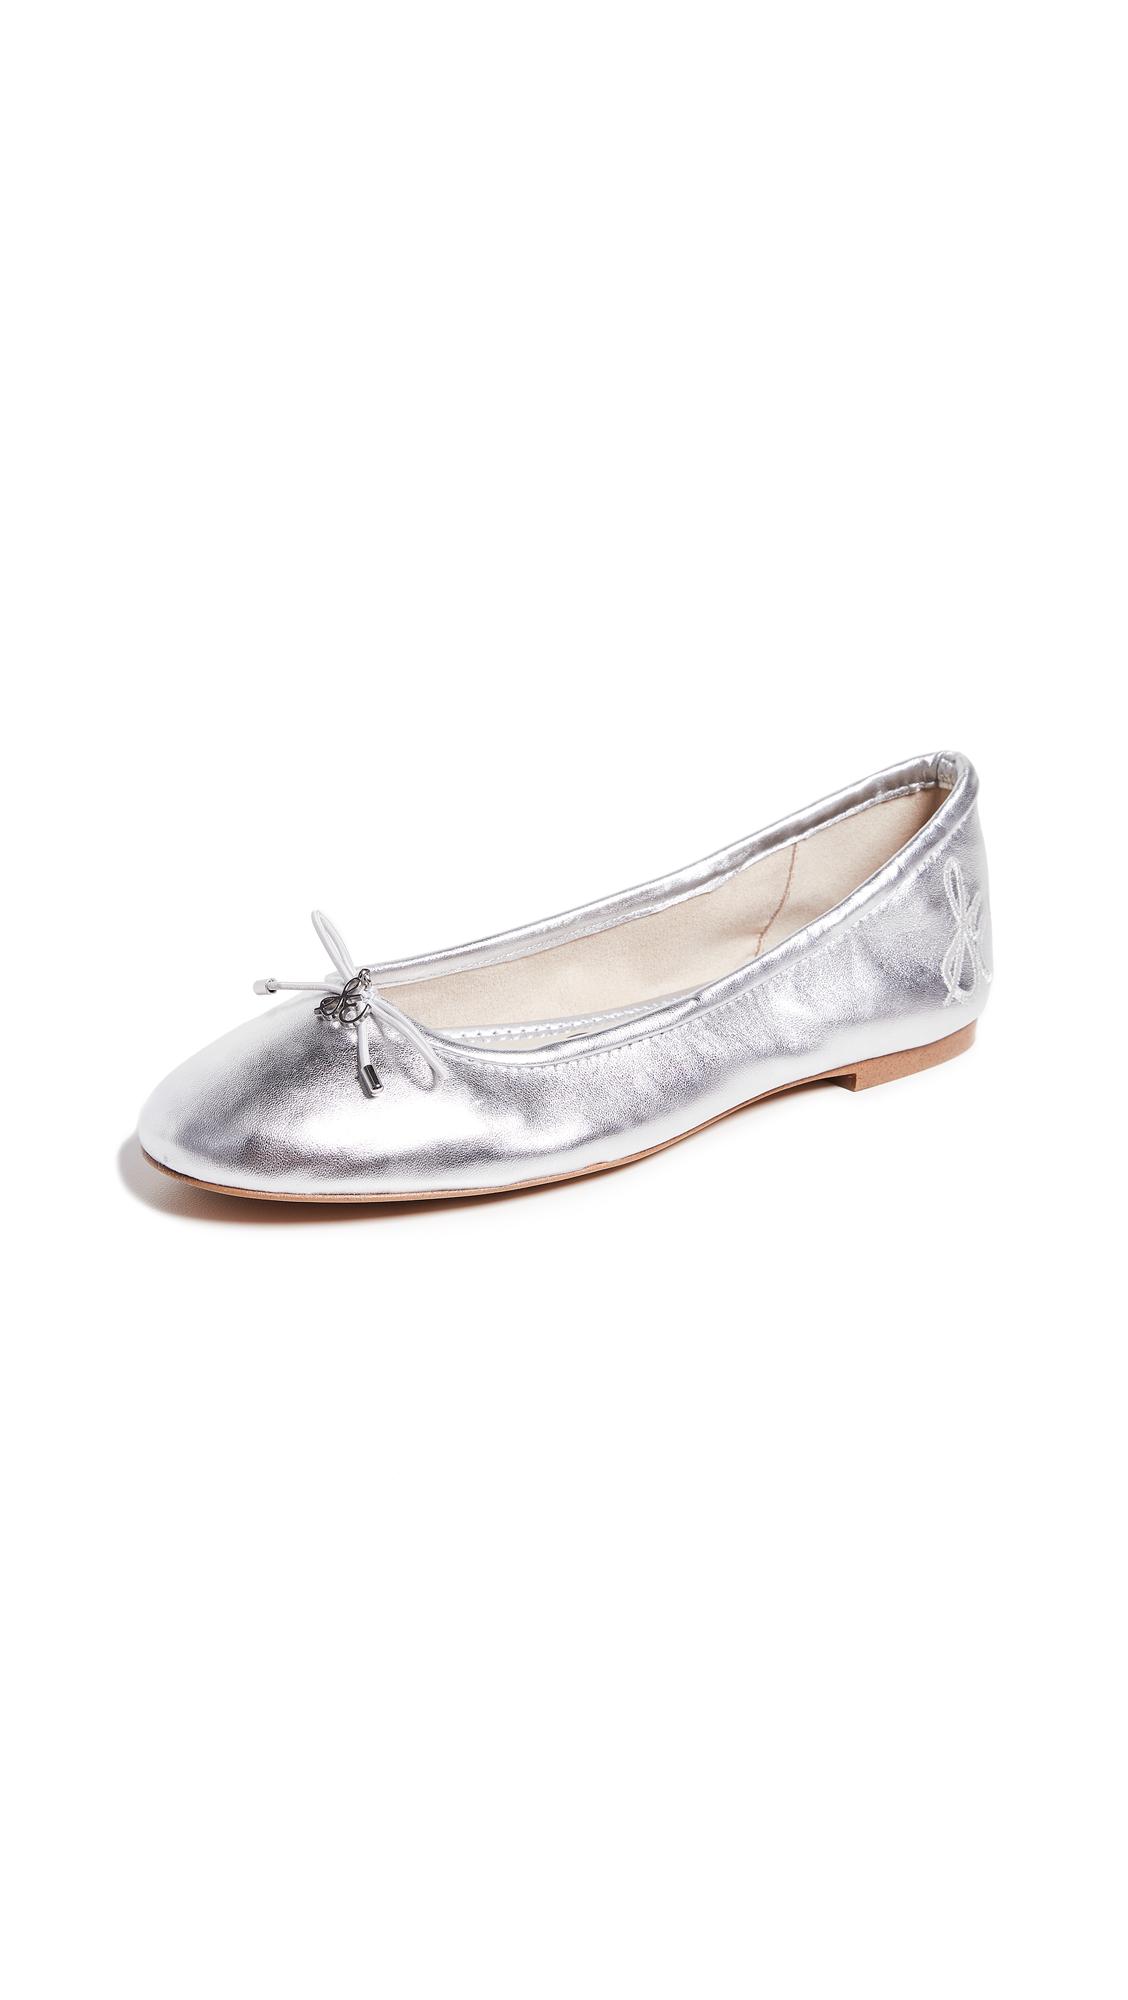 Sam Edelman Felicia Ballet Flats - Soft Silver